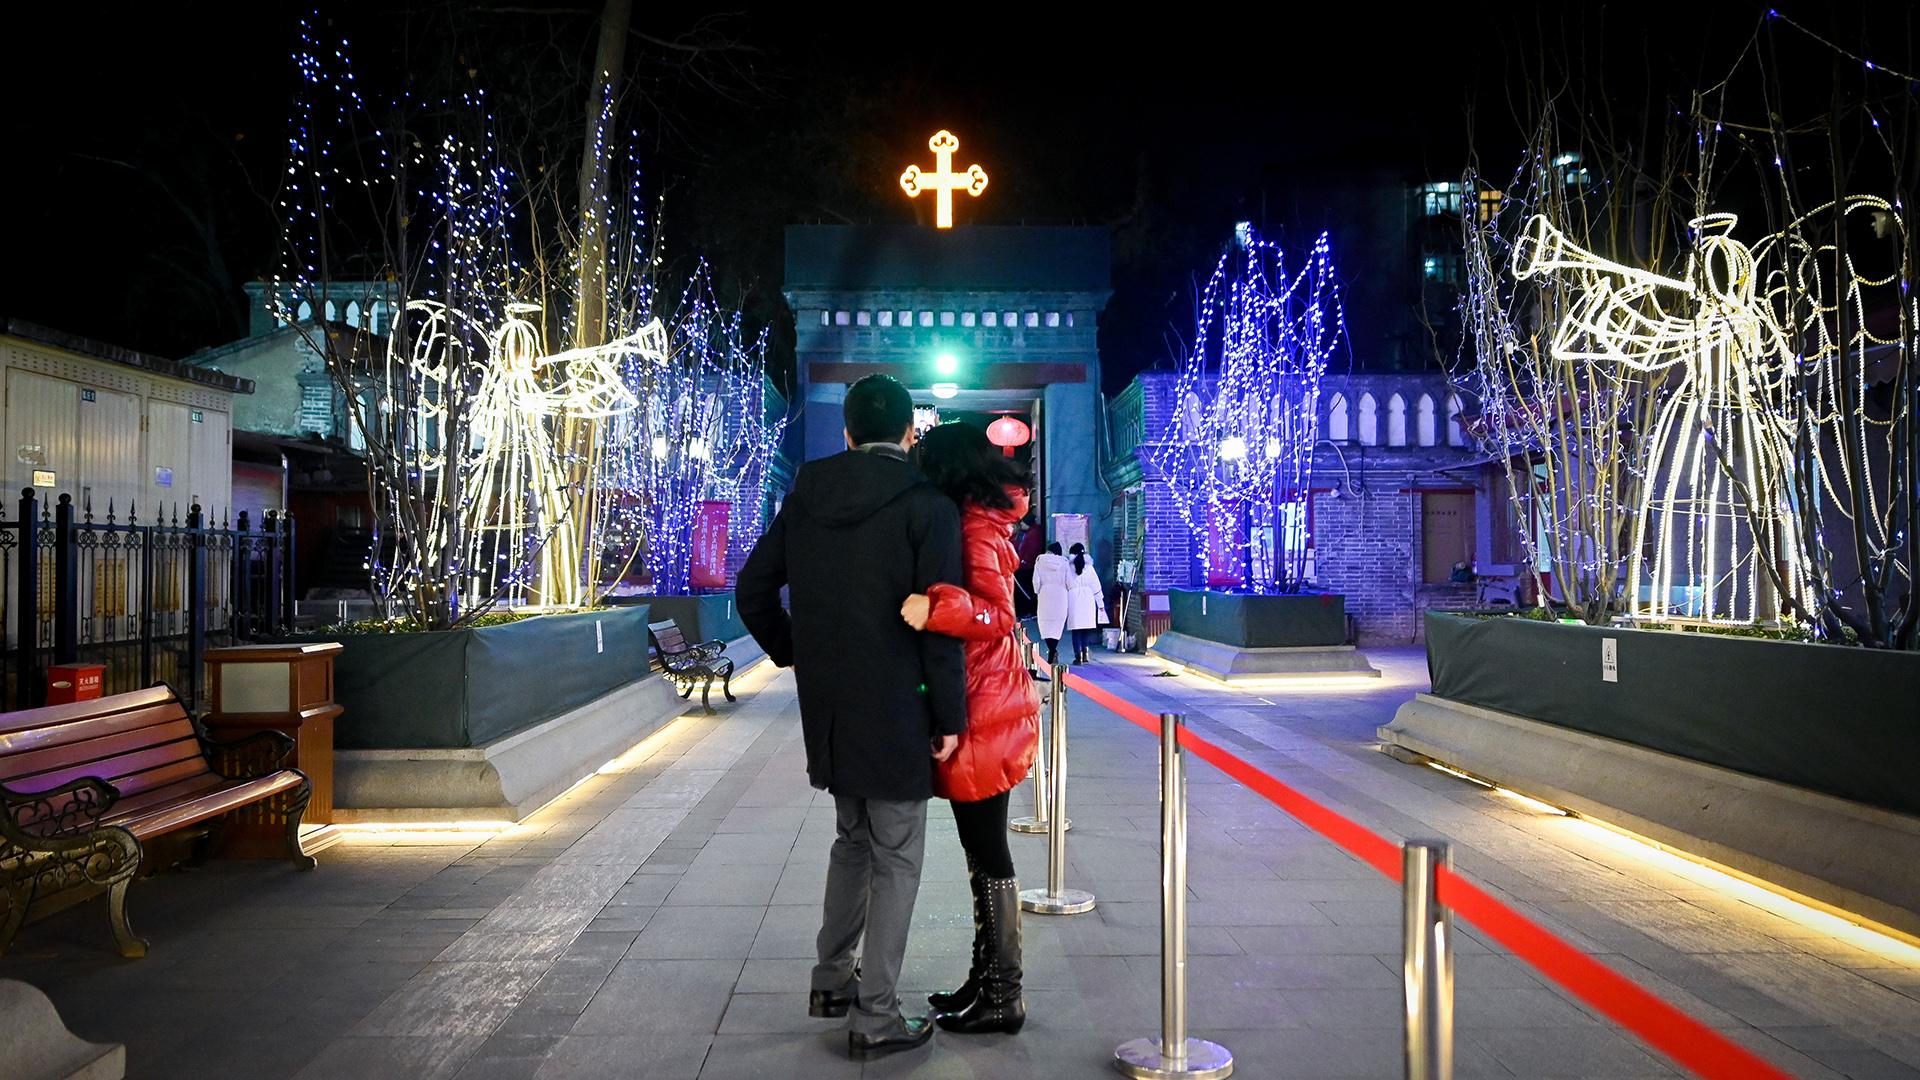 Una pareja de toma una fotografía mientras se preparan para entrar a misa en la iglesia católica de Beijing, China